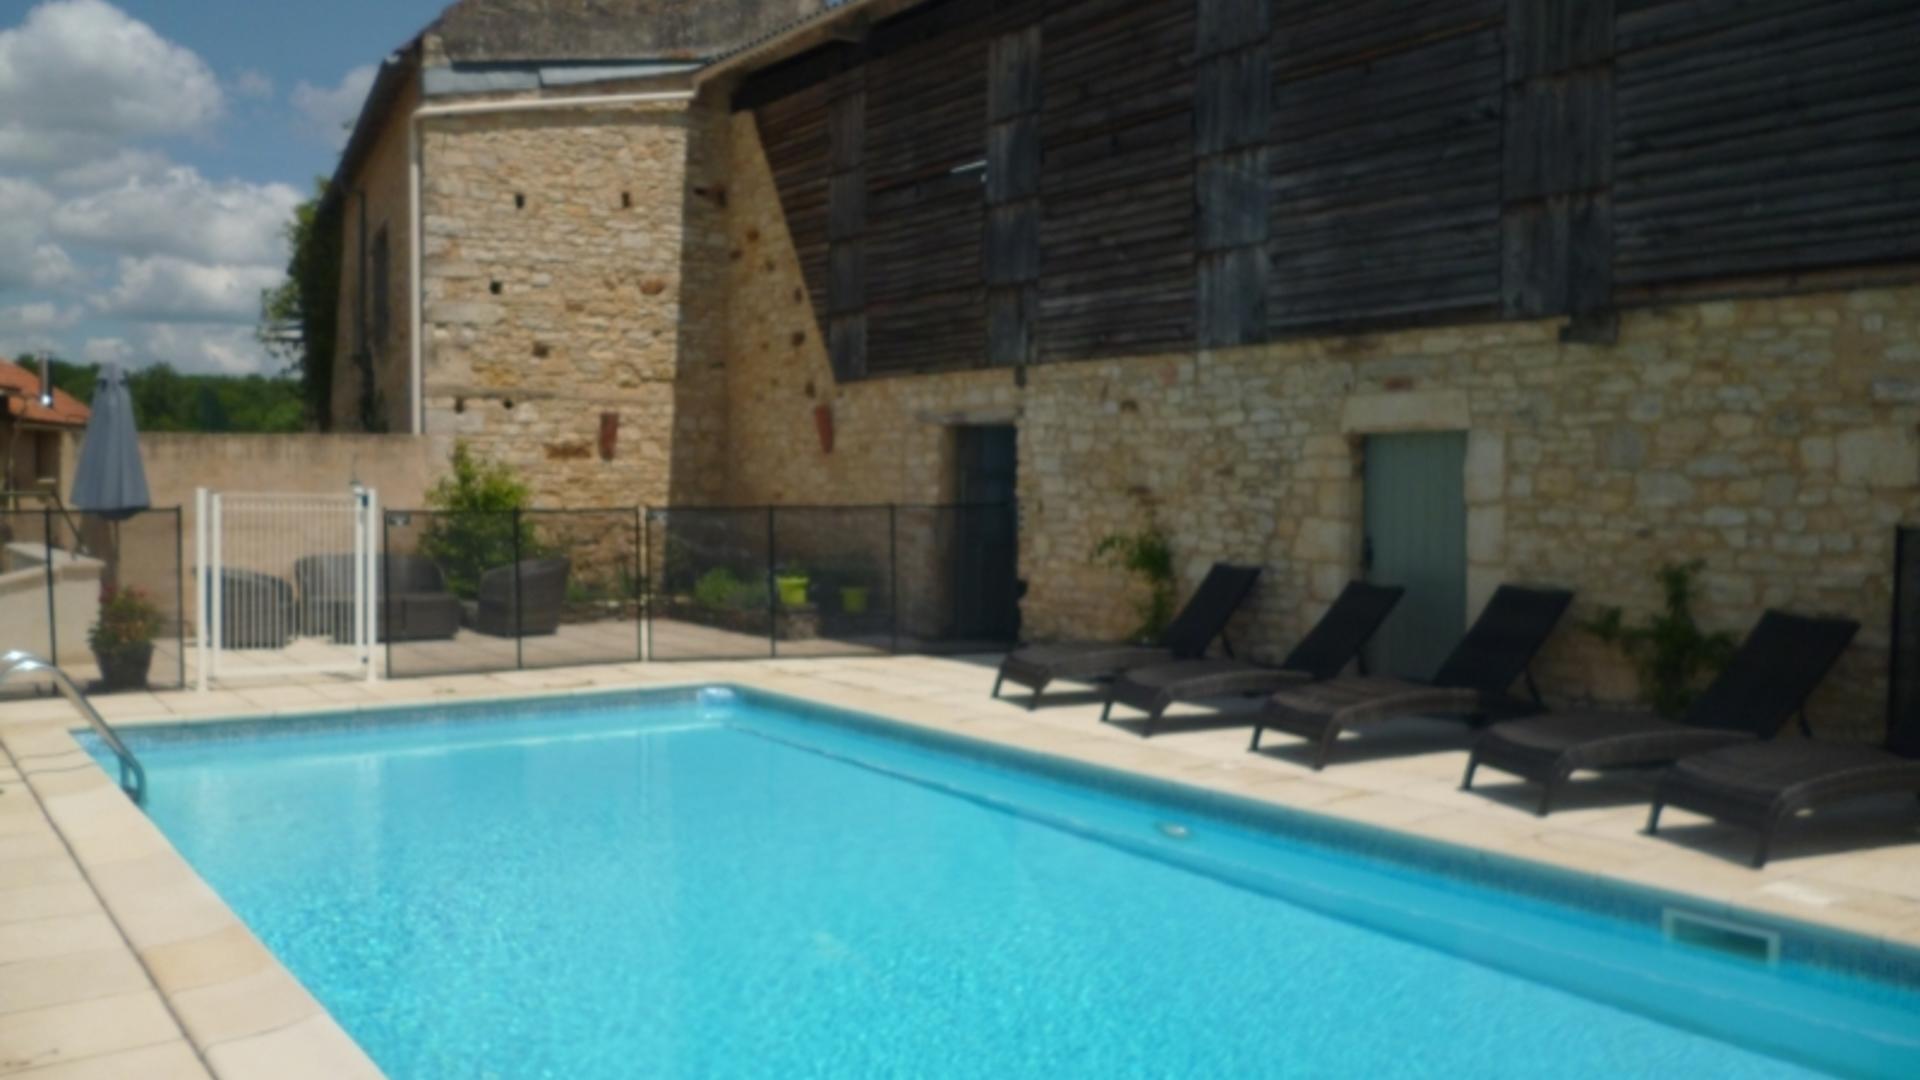 3 bedroom toddler friendly cottage, Lherm, France - LMMS